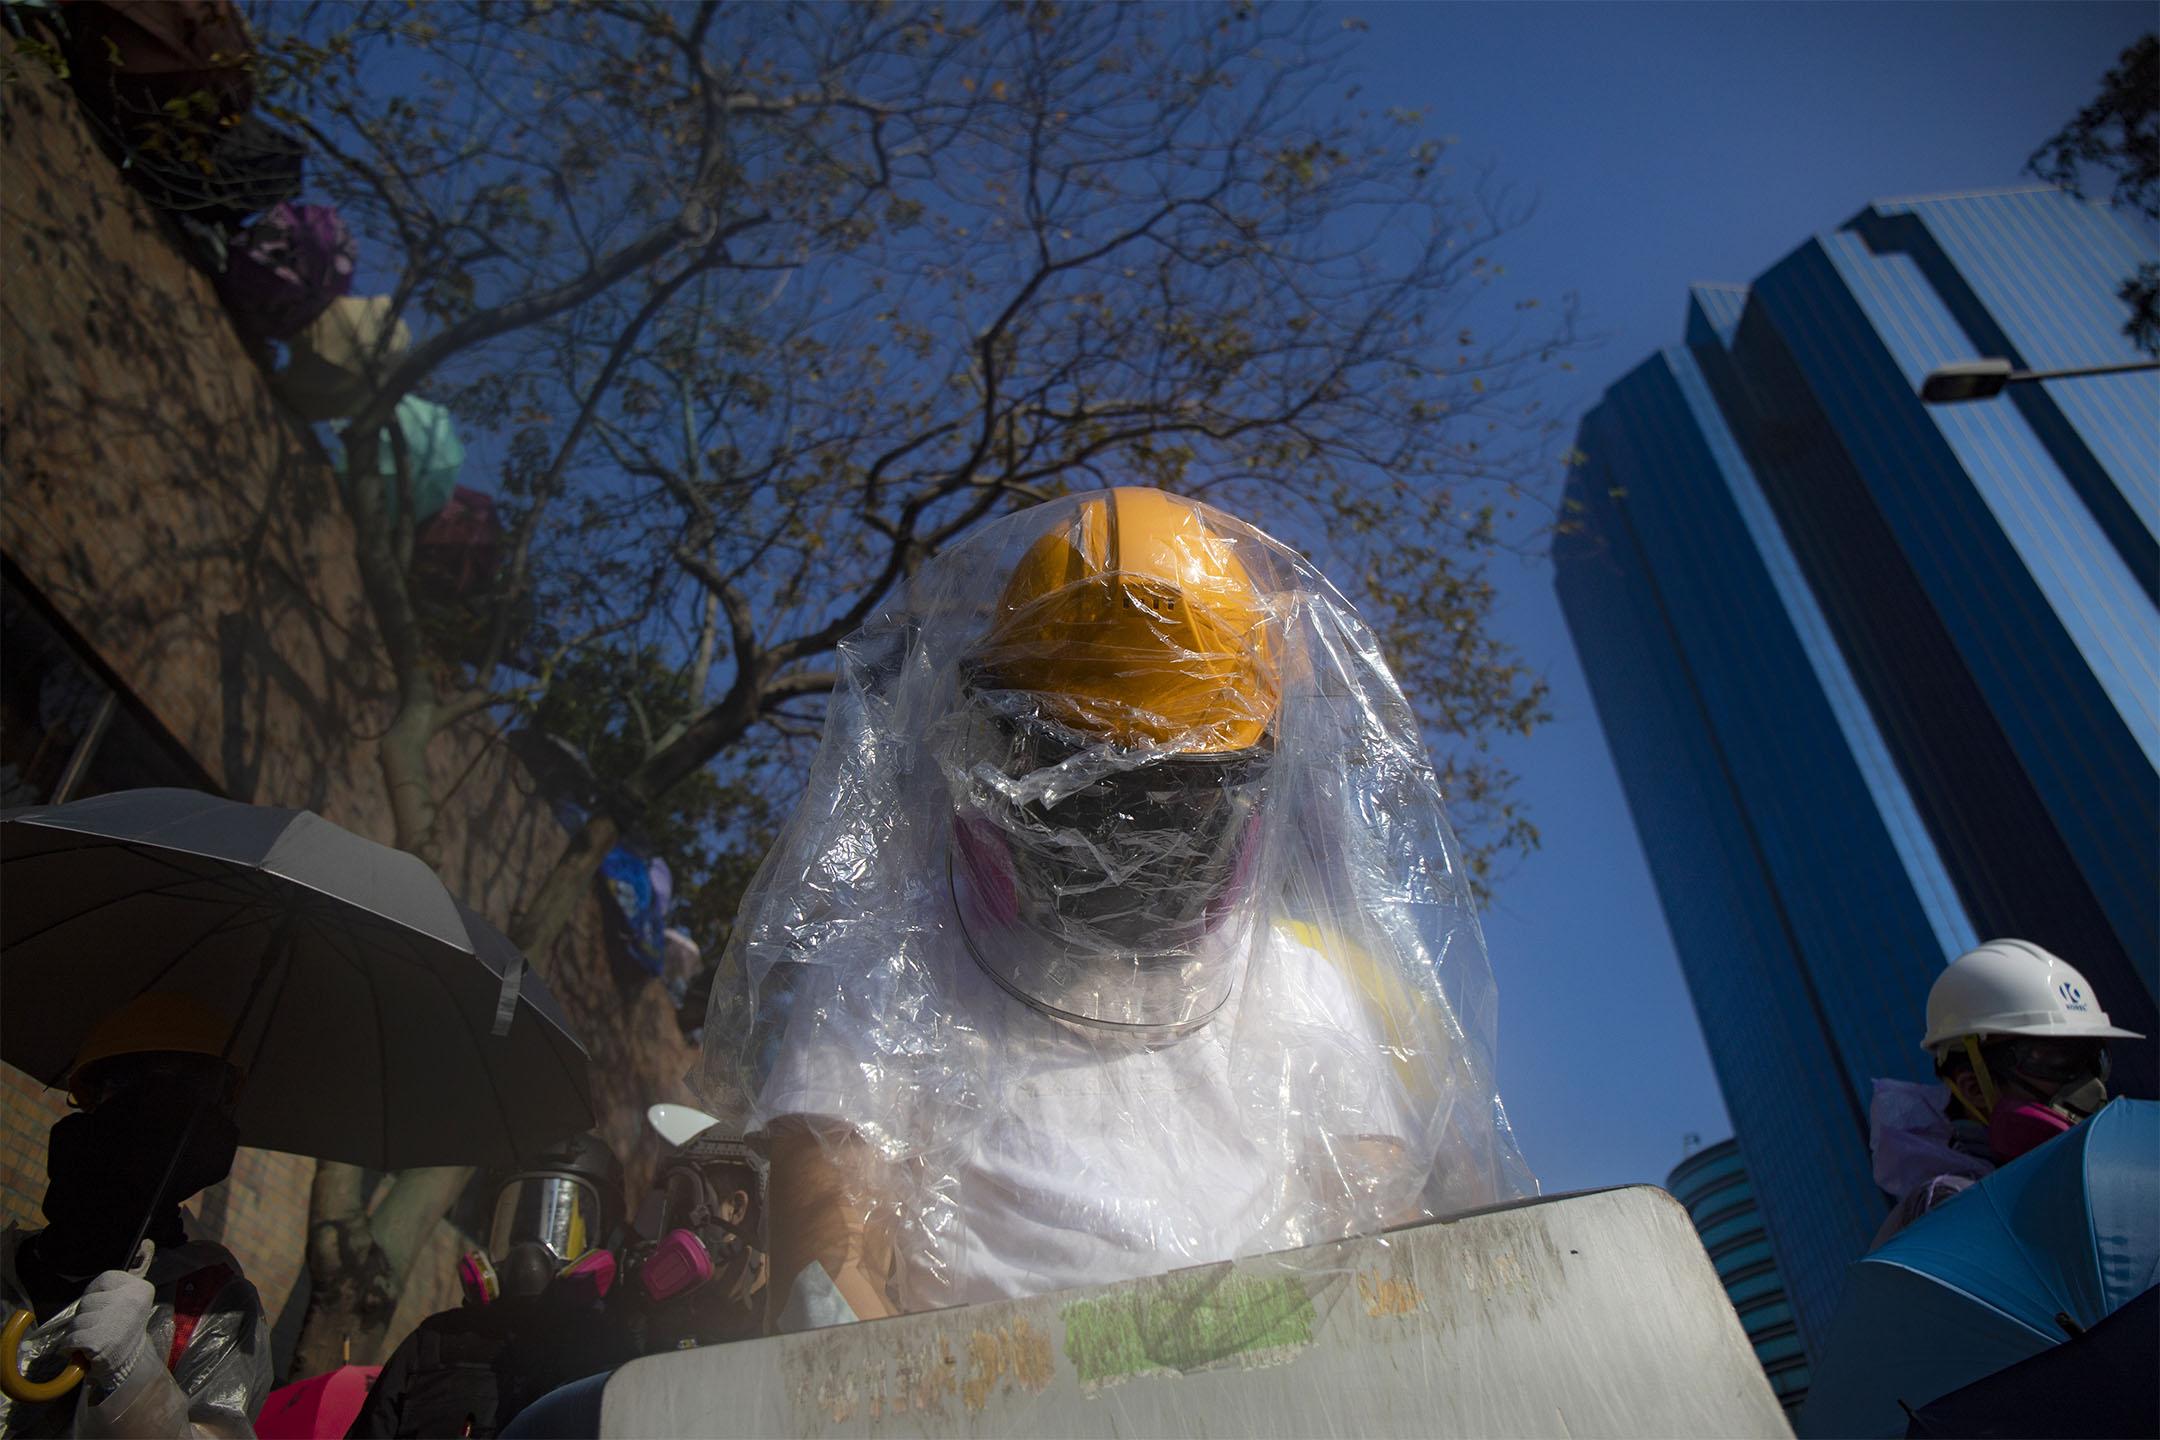 2019年11月17日香港,示威者佔領香港理工大學,警察以水砲車驅散,一名示威者穿上雨衣。 攝:陳焯煇/端傳媒